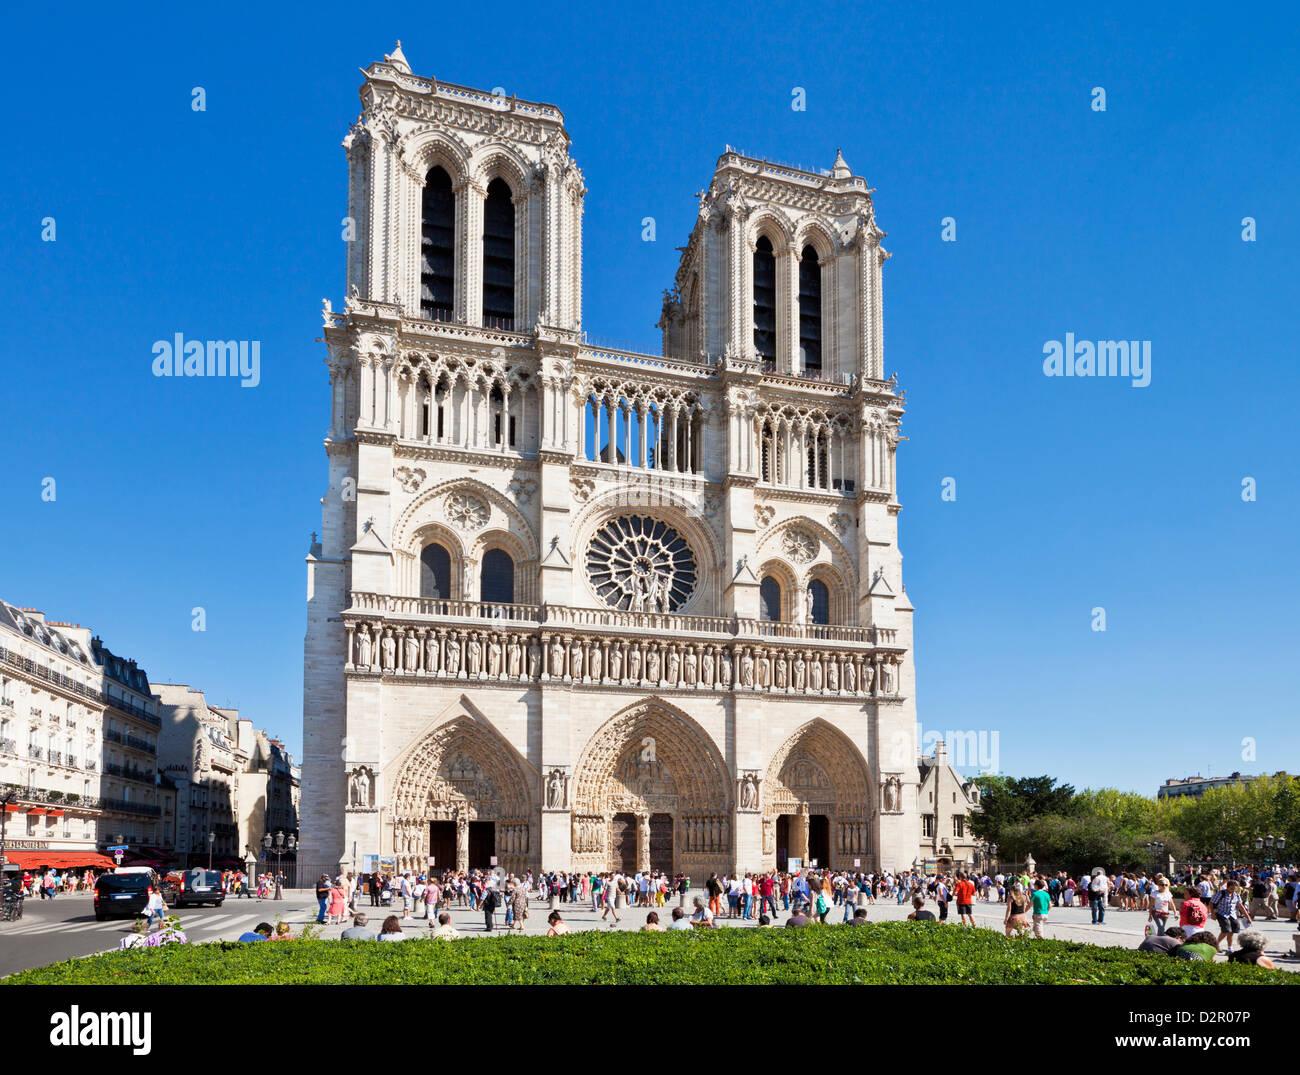 Fassade der Kathedrale von Notre Dame, Ile De La Cite, Paris, Frankreich, Europa Stockbild